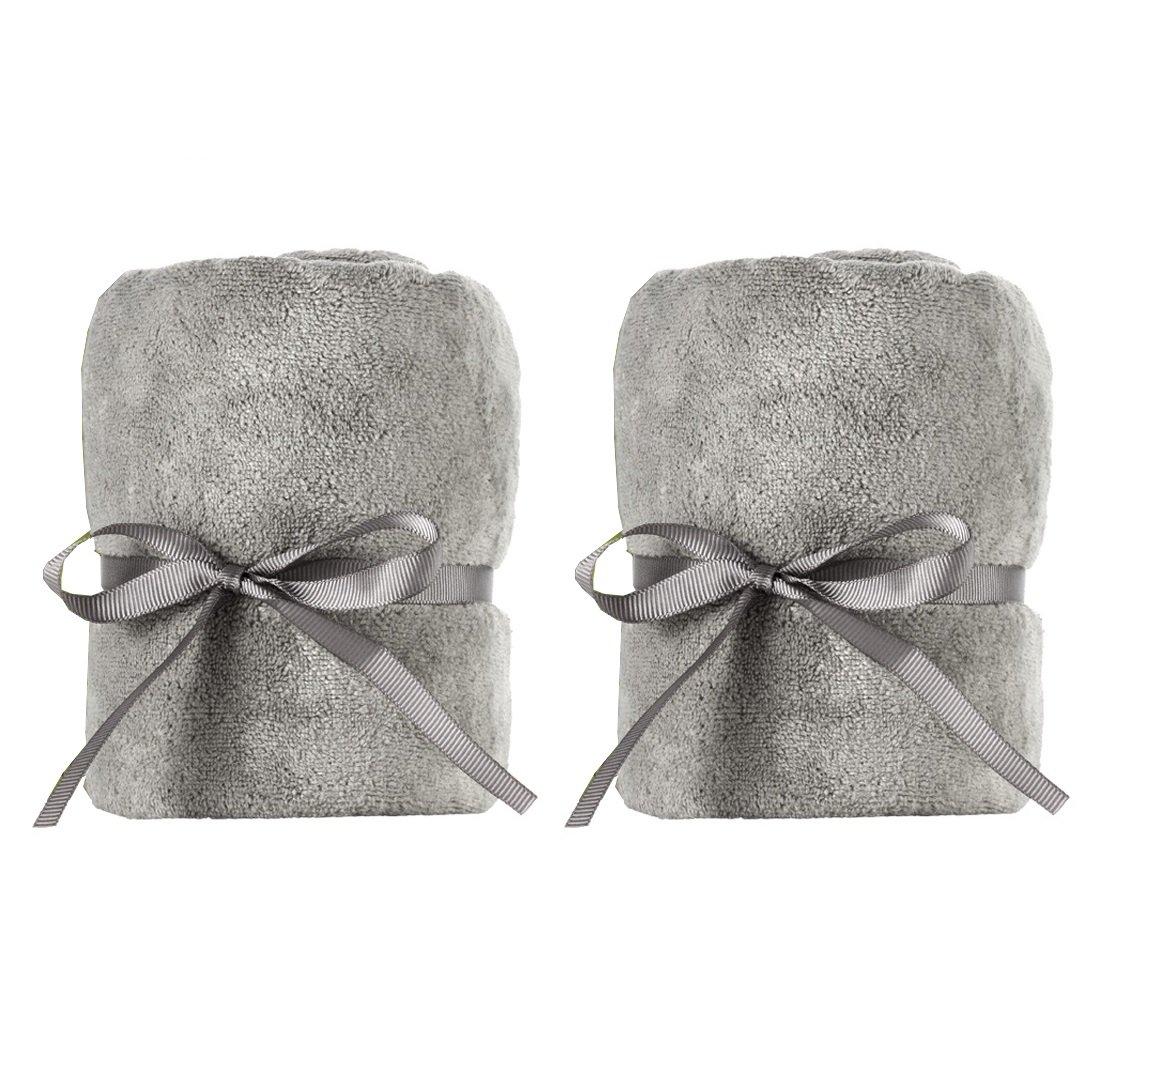 DevaCurl Microfiber Anti-Frizz Towel, Gray (2 Pack) by DevaCurl